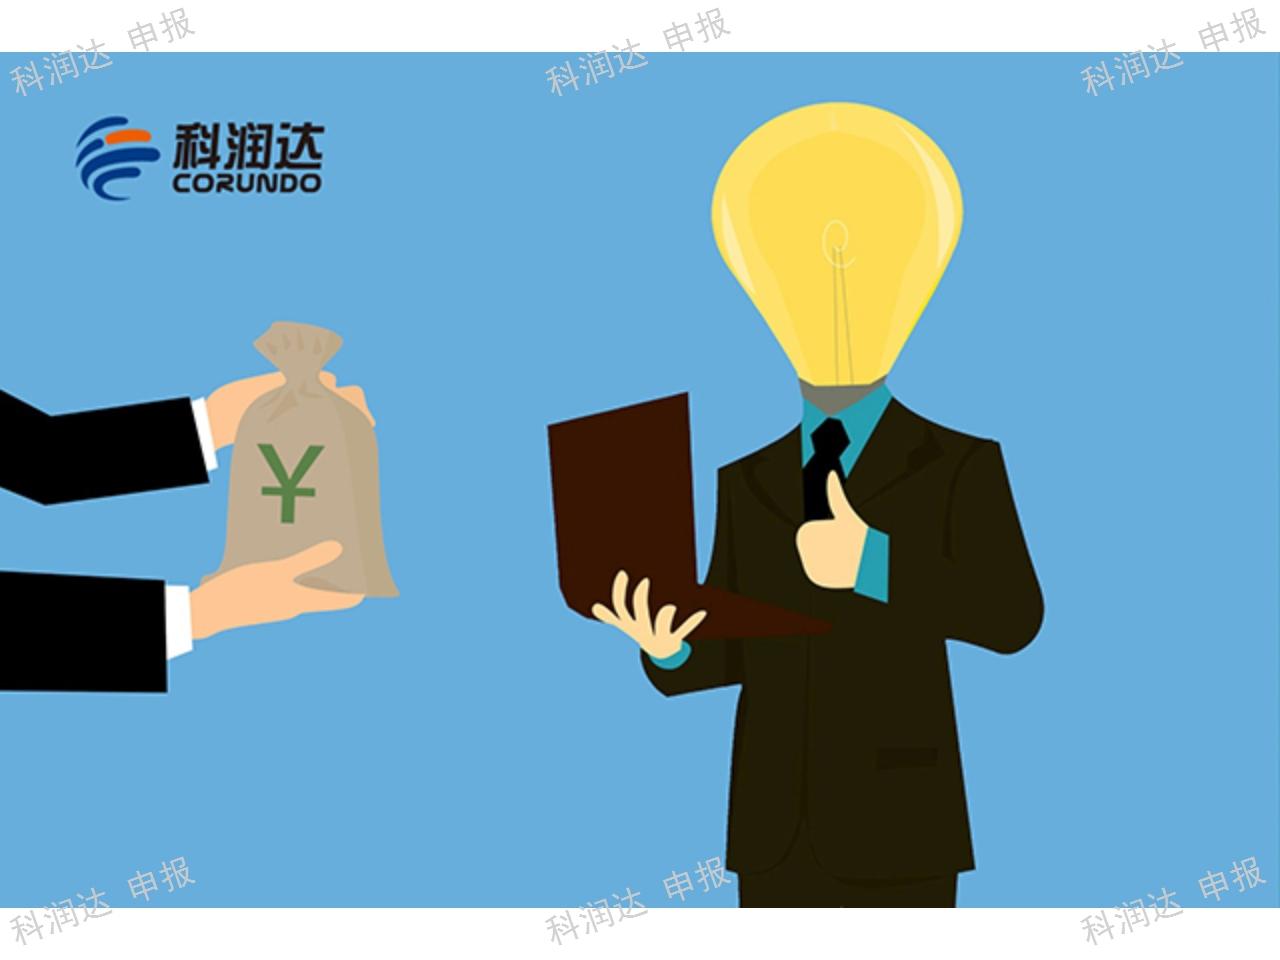 嘉定区靠谱技术创新项目名单 诚信服务 上海科润达供应